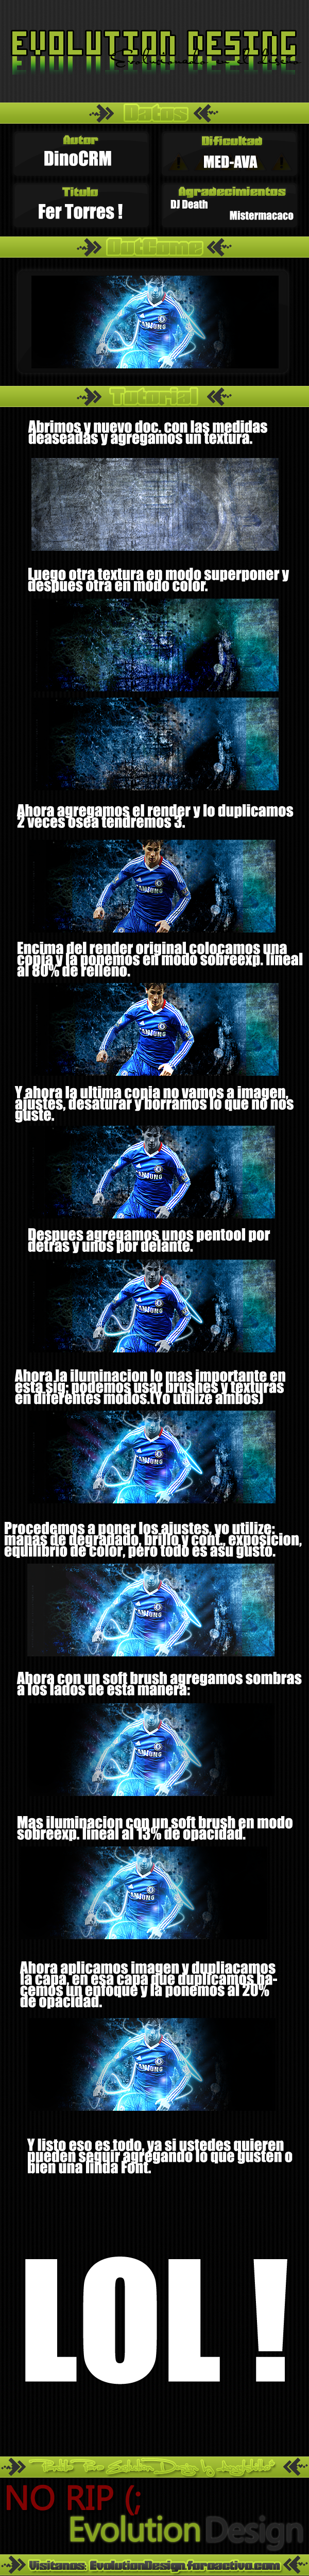 Fernando Torres Tutorial Fer_torres_tutorial_by_dinocrm-d4fficz